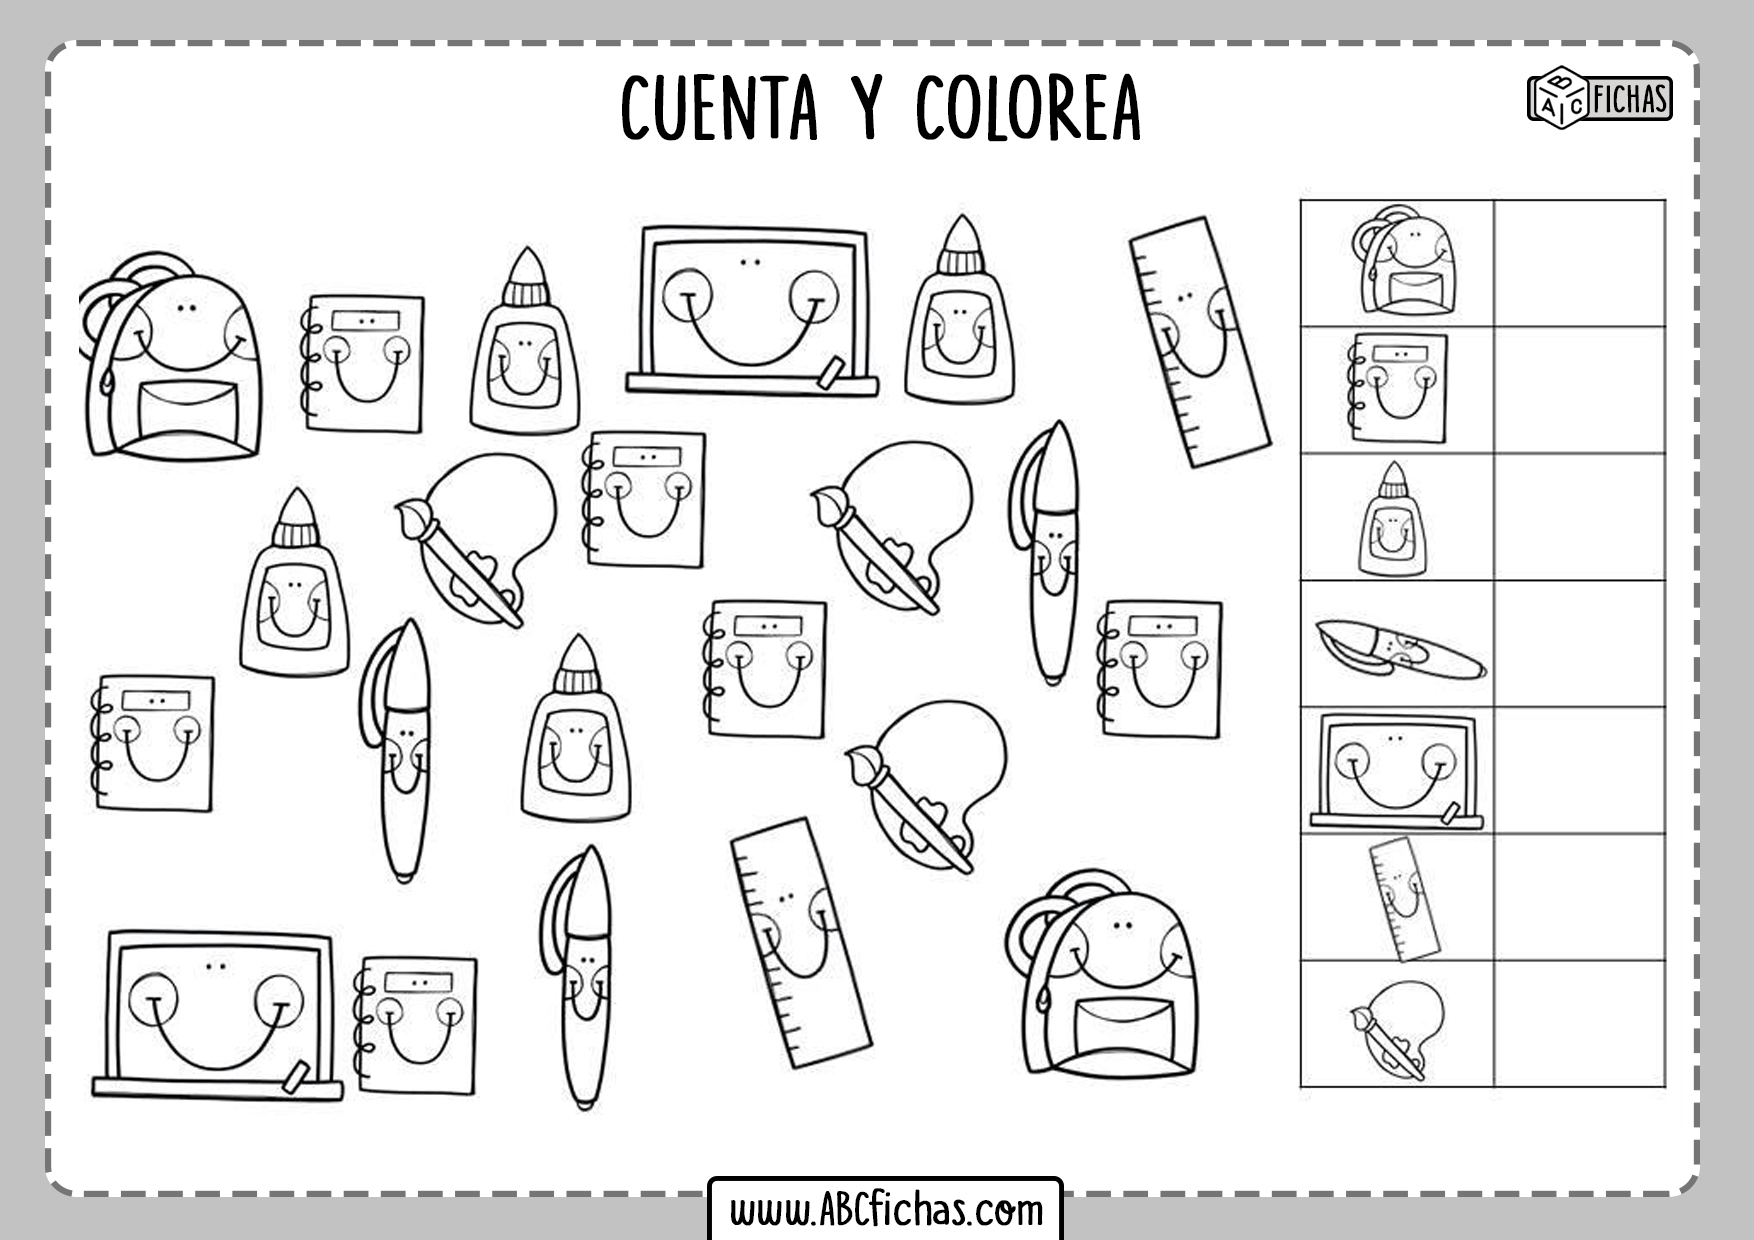 Fichas de cuenta y colorea